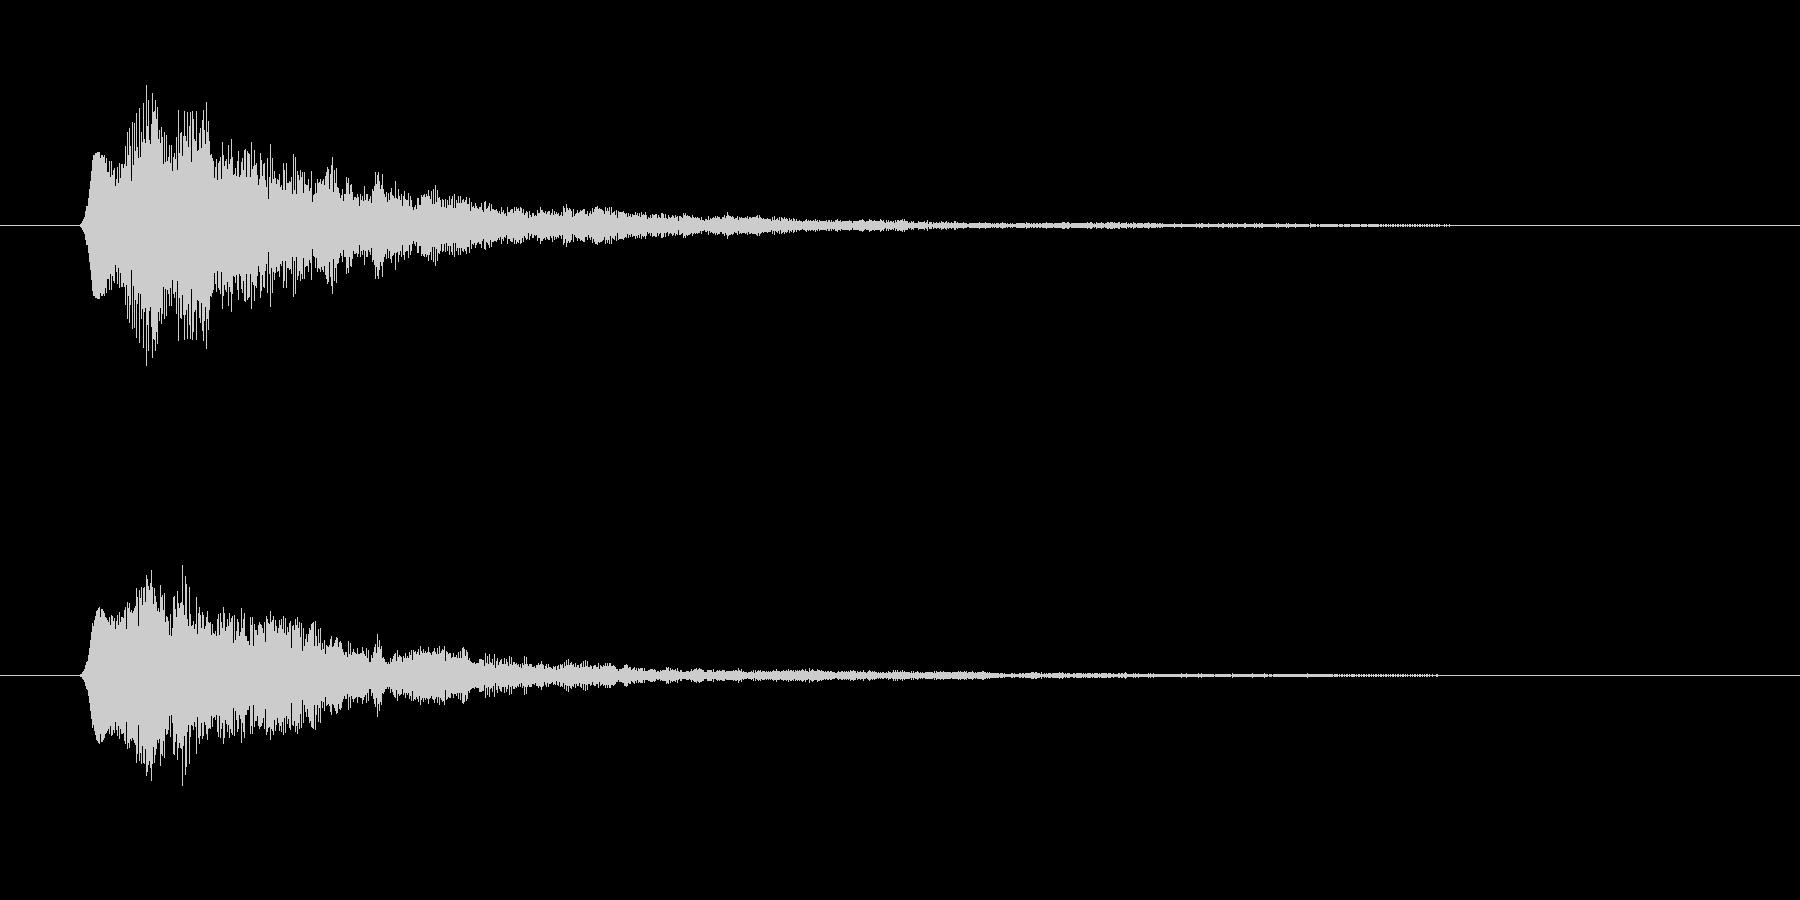 フファン(起動、RPG、ボタン音)の未再生の波形